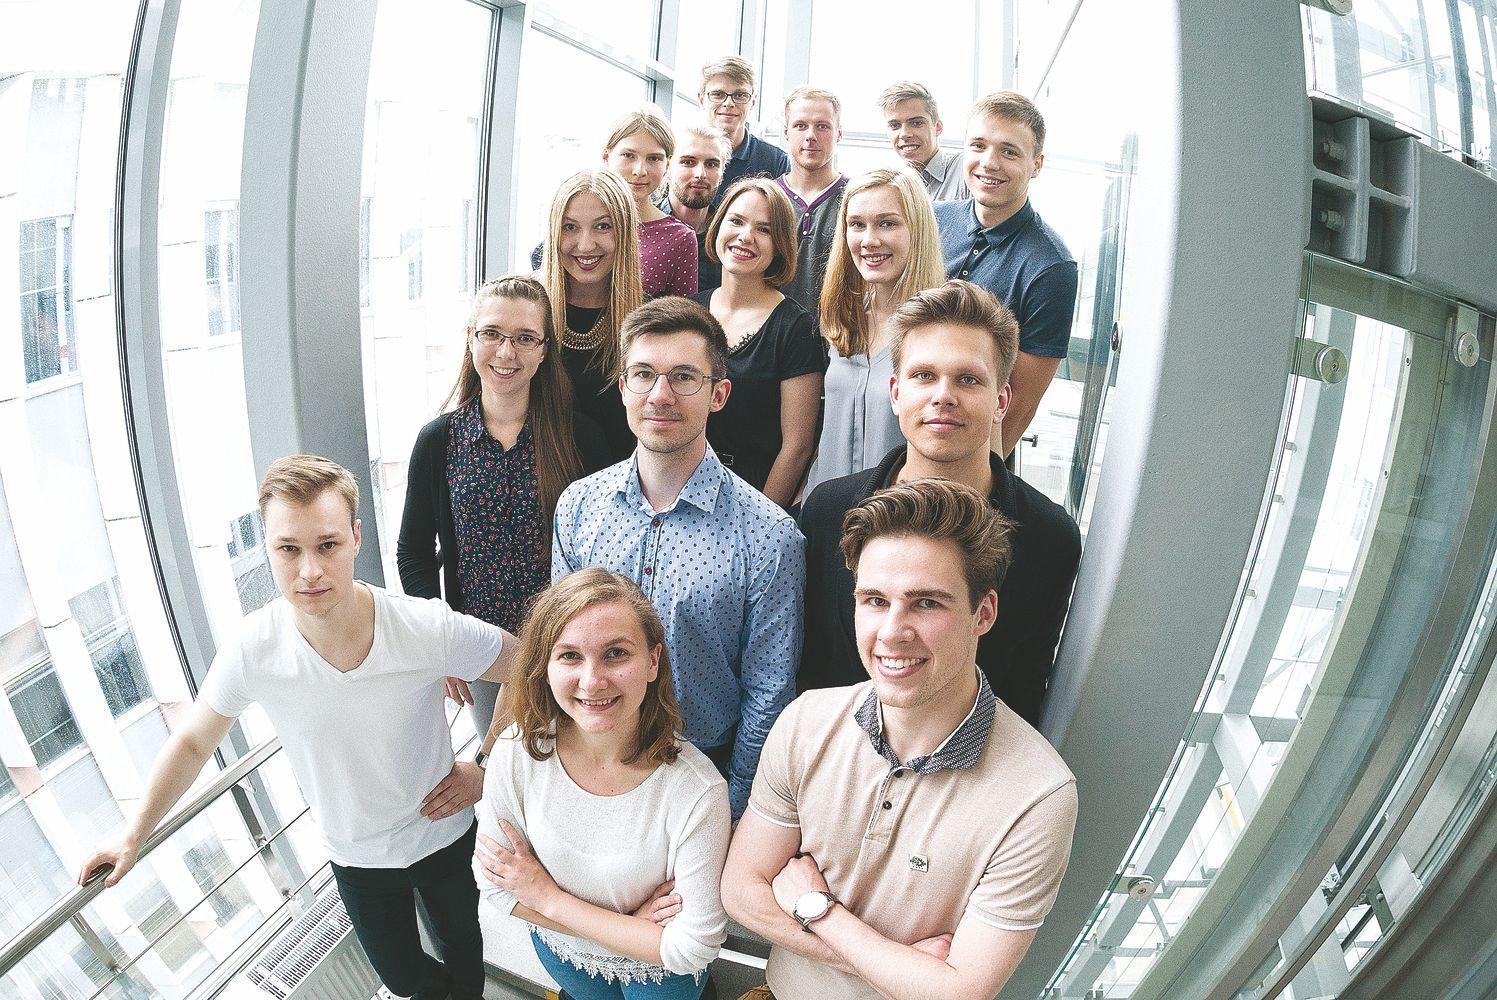 Jaunieji Lietuvos biotechnologai gina geriausių pasaulyje vardą